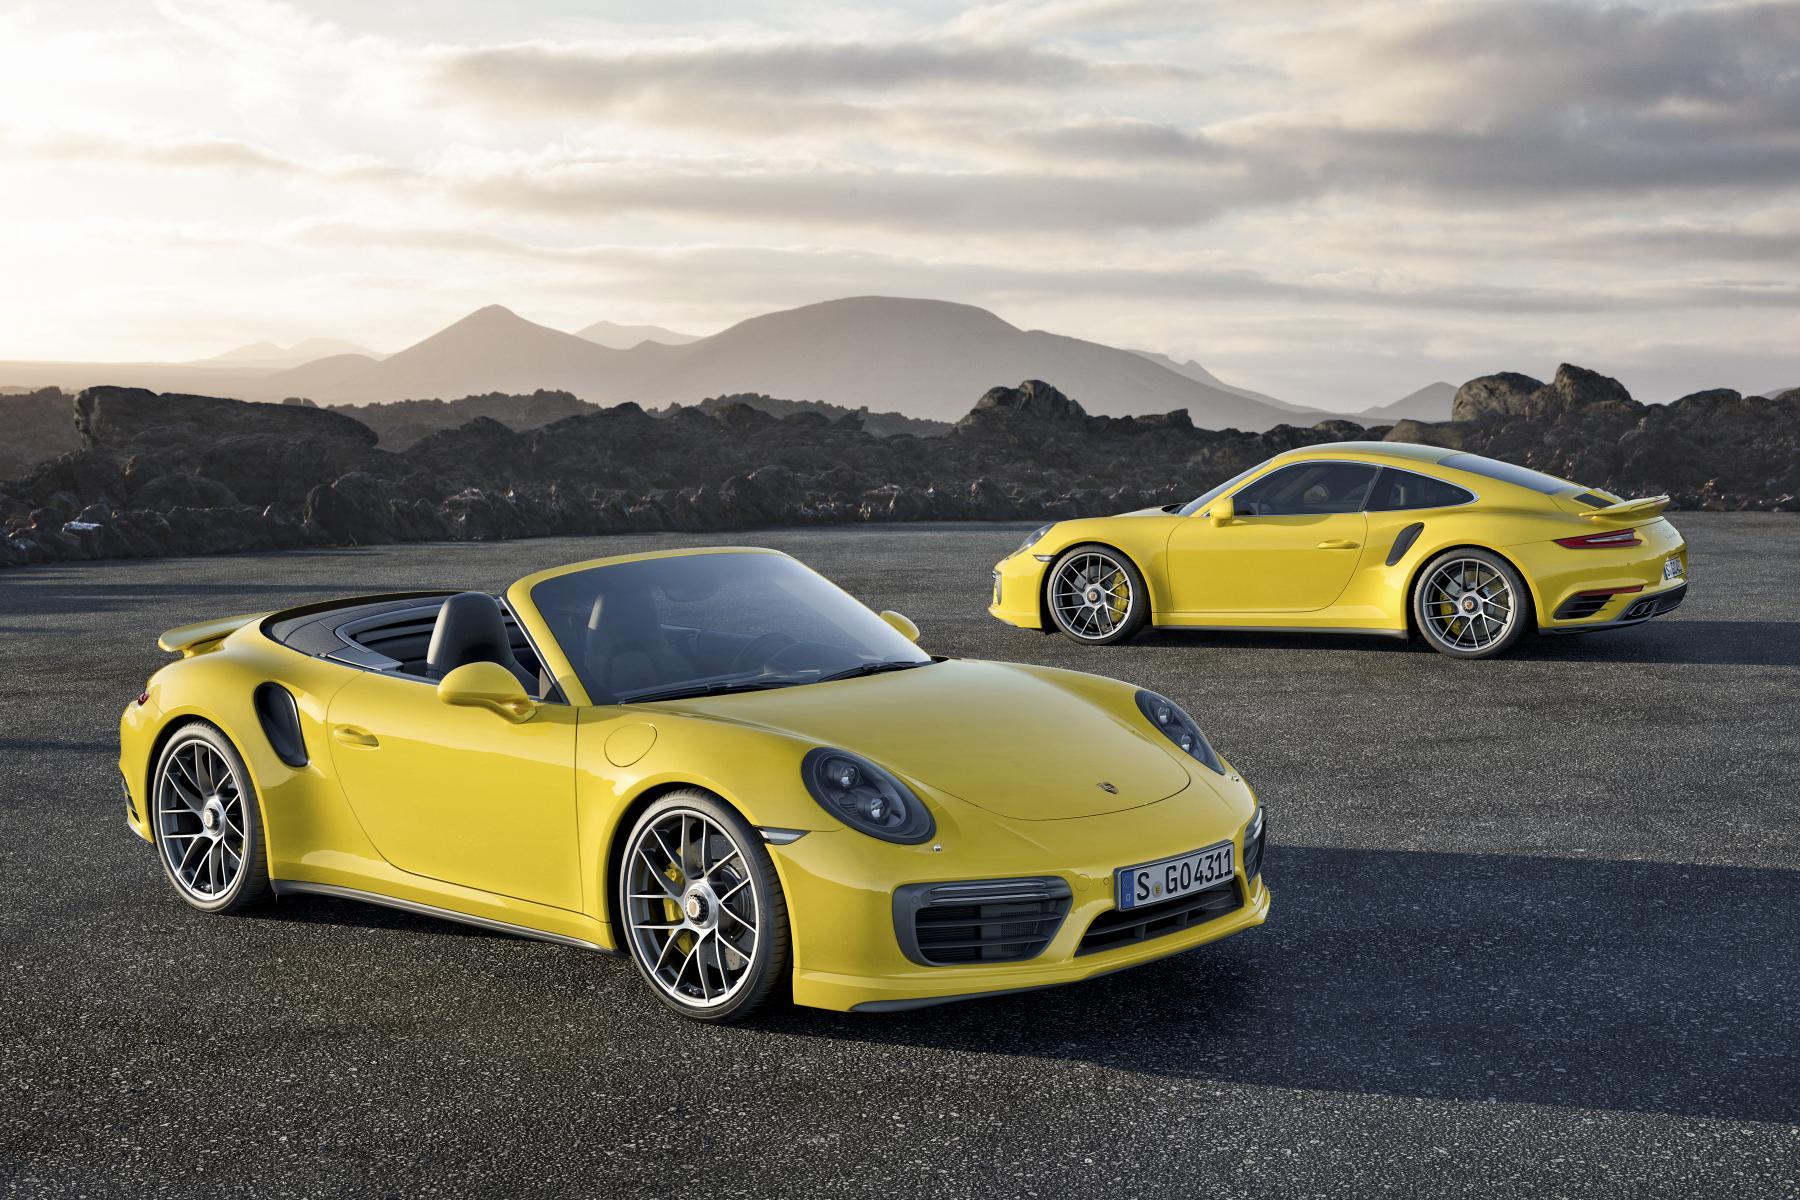 Nuova Porsche 911 Turbo e 911 Turbo S ecco i prezzi 4